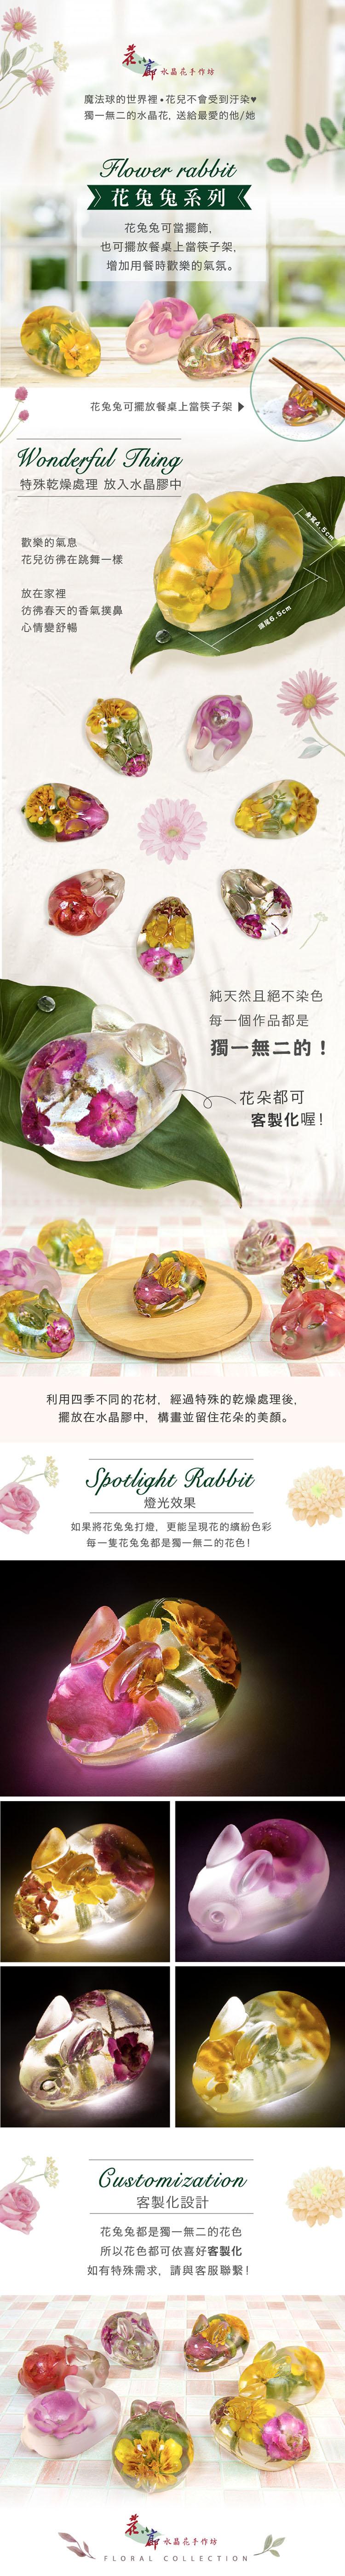 花小廊水晶花手作坊-花兔兔系列